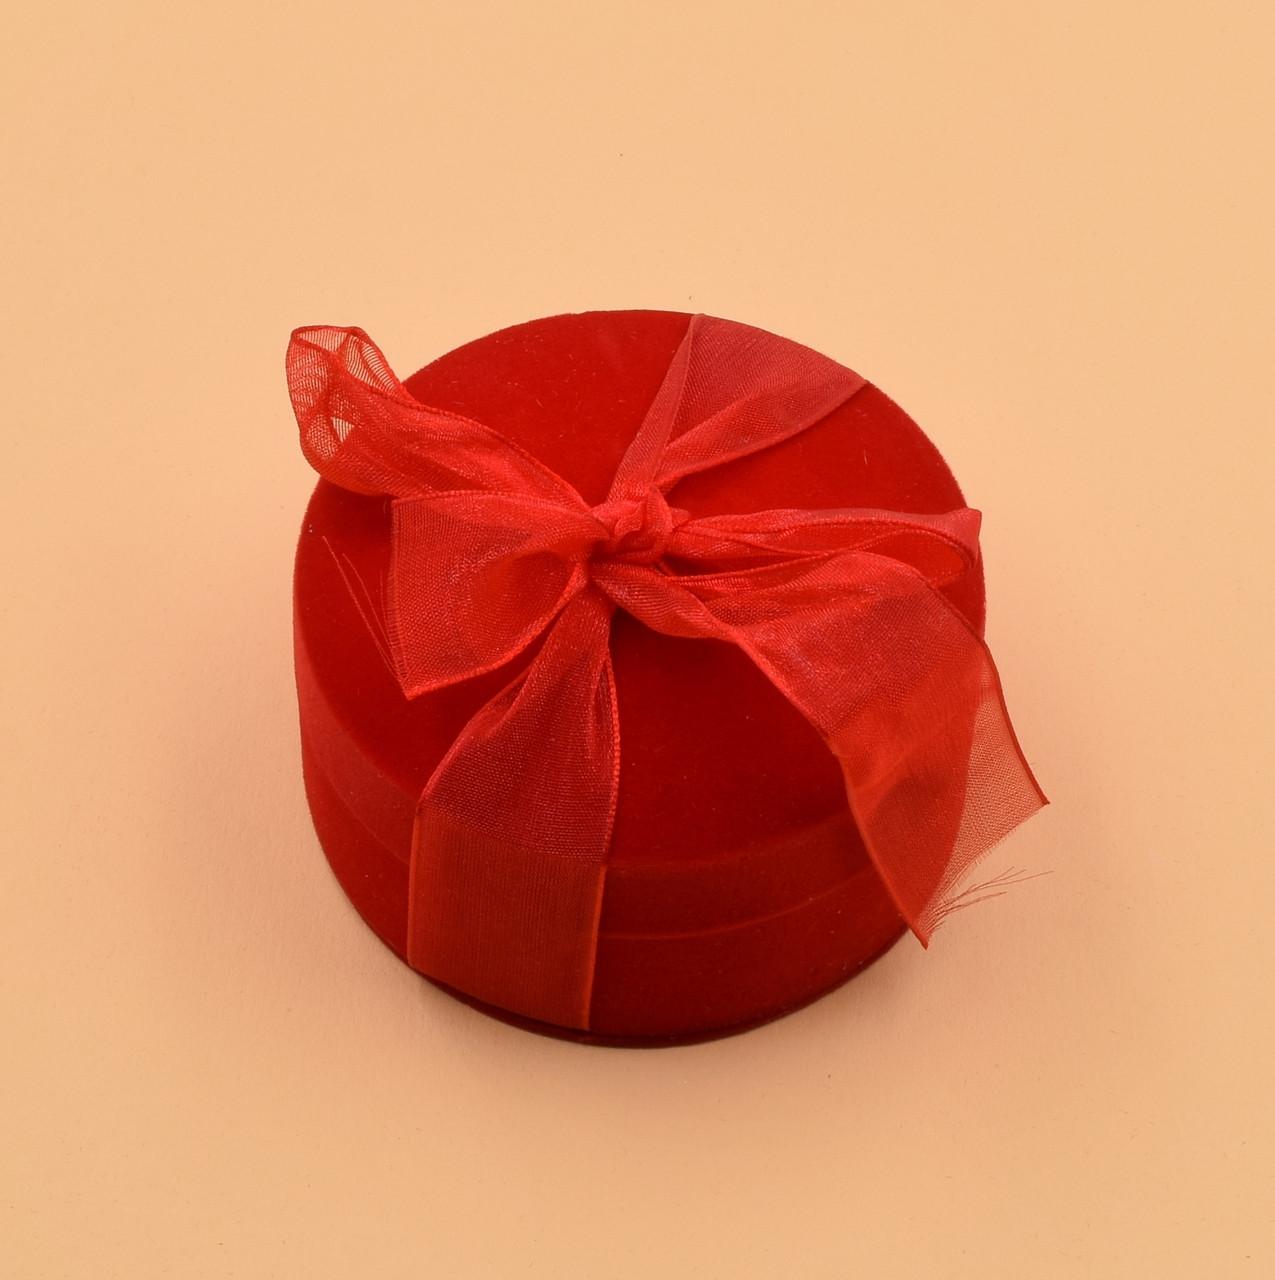 Футляр под два кольца Круг с бантом 740151 красный бархат размер 7х4.5 см